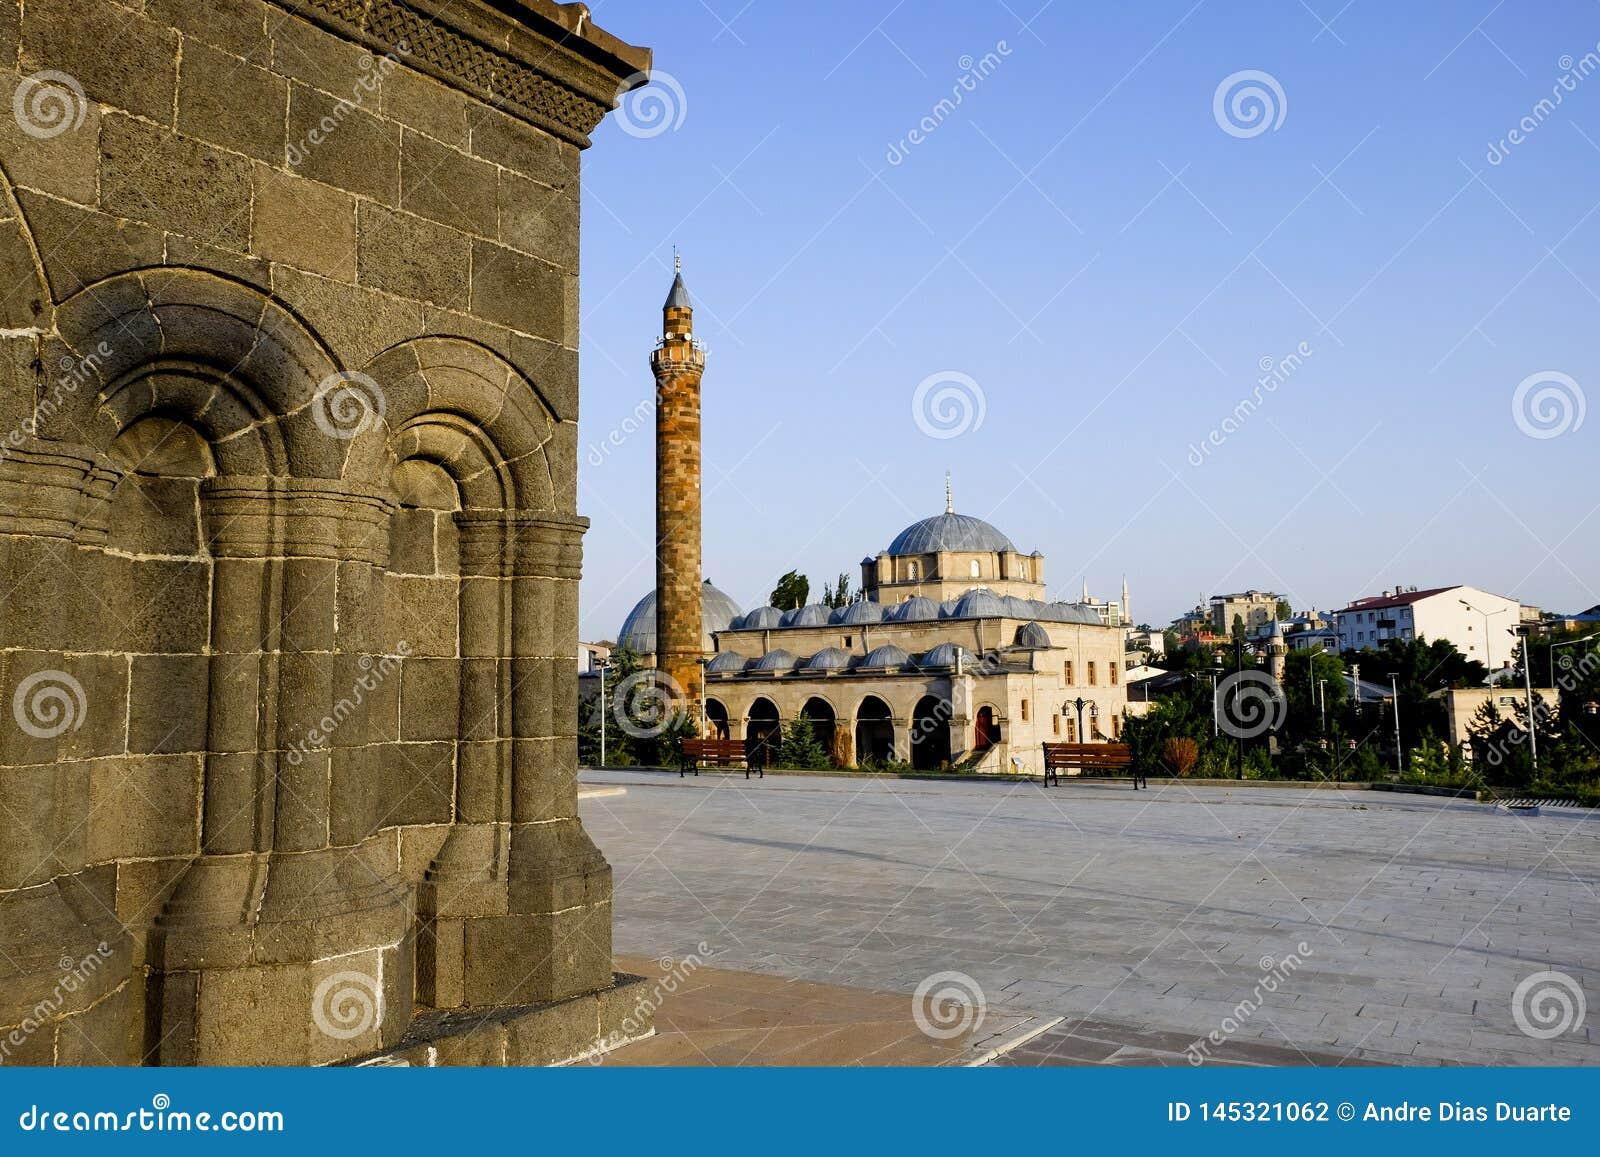 Quadrat in Kars mit einer Moschee im Hintergrund